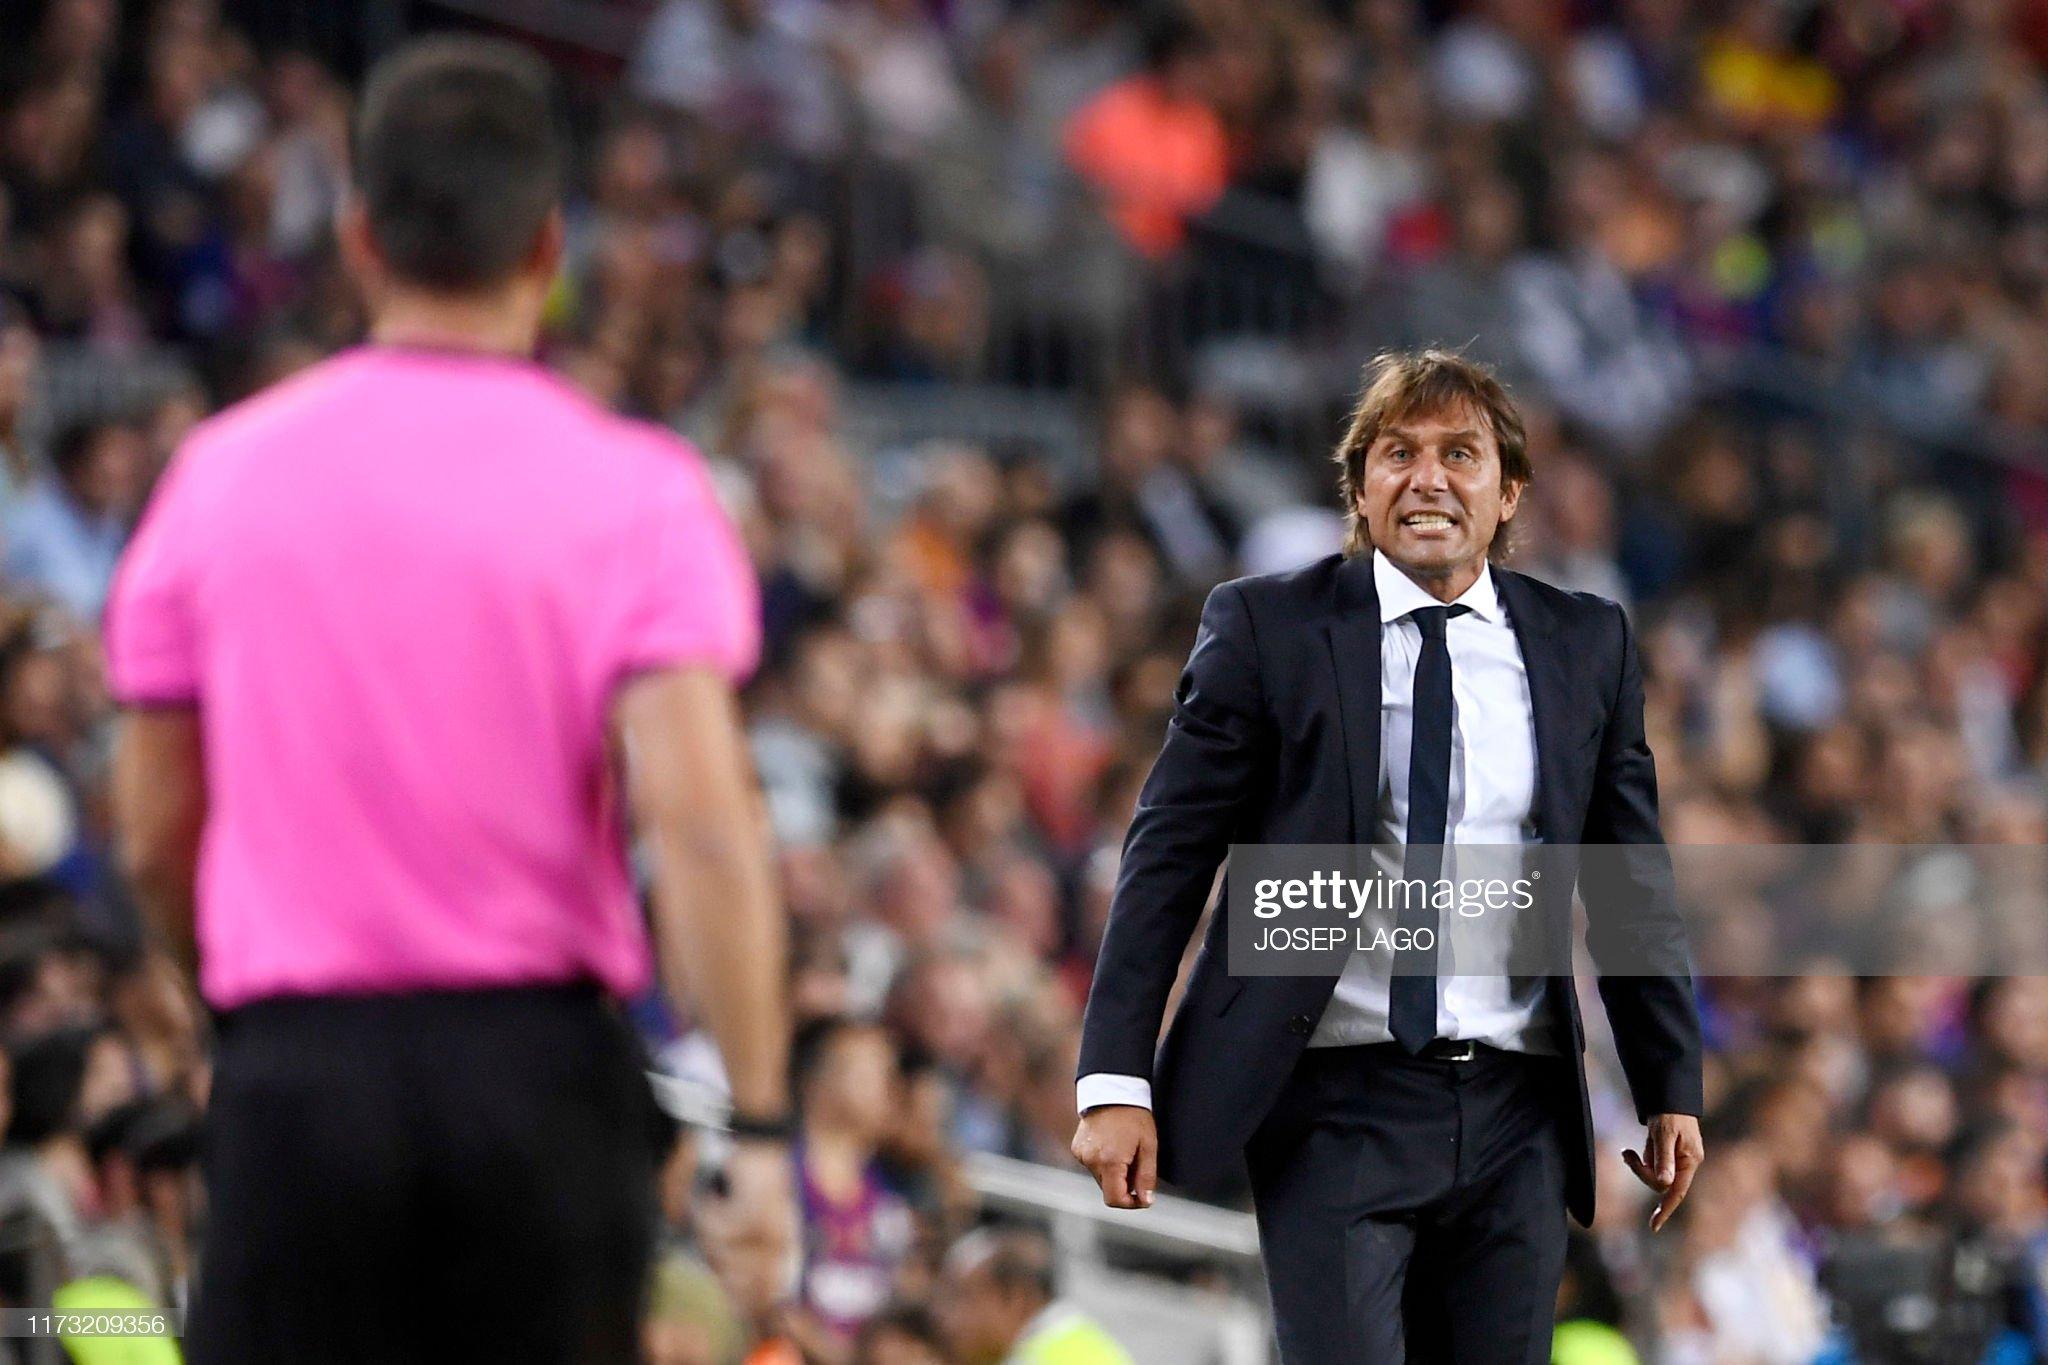 صور مباراة : برشلونة - إنتر 2-1 ( 02-10-2019 )  Inter-milans-italian-coach-antonio-conte-protests-to-a-referee-during-picture-id1173209356?s=2048x2048